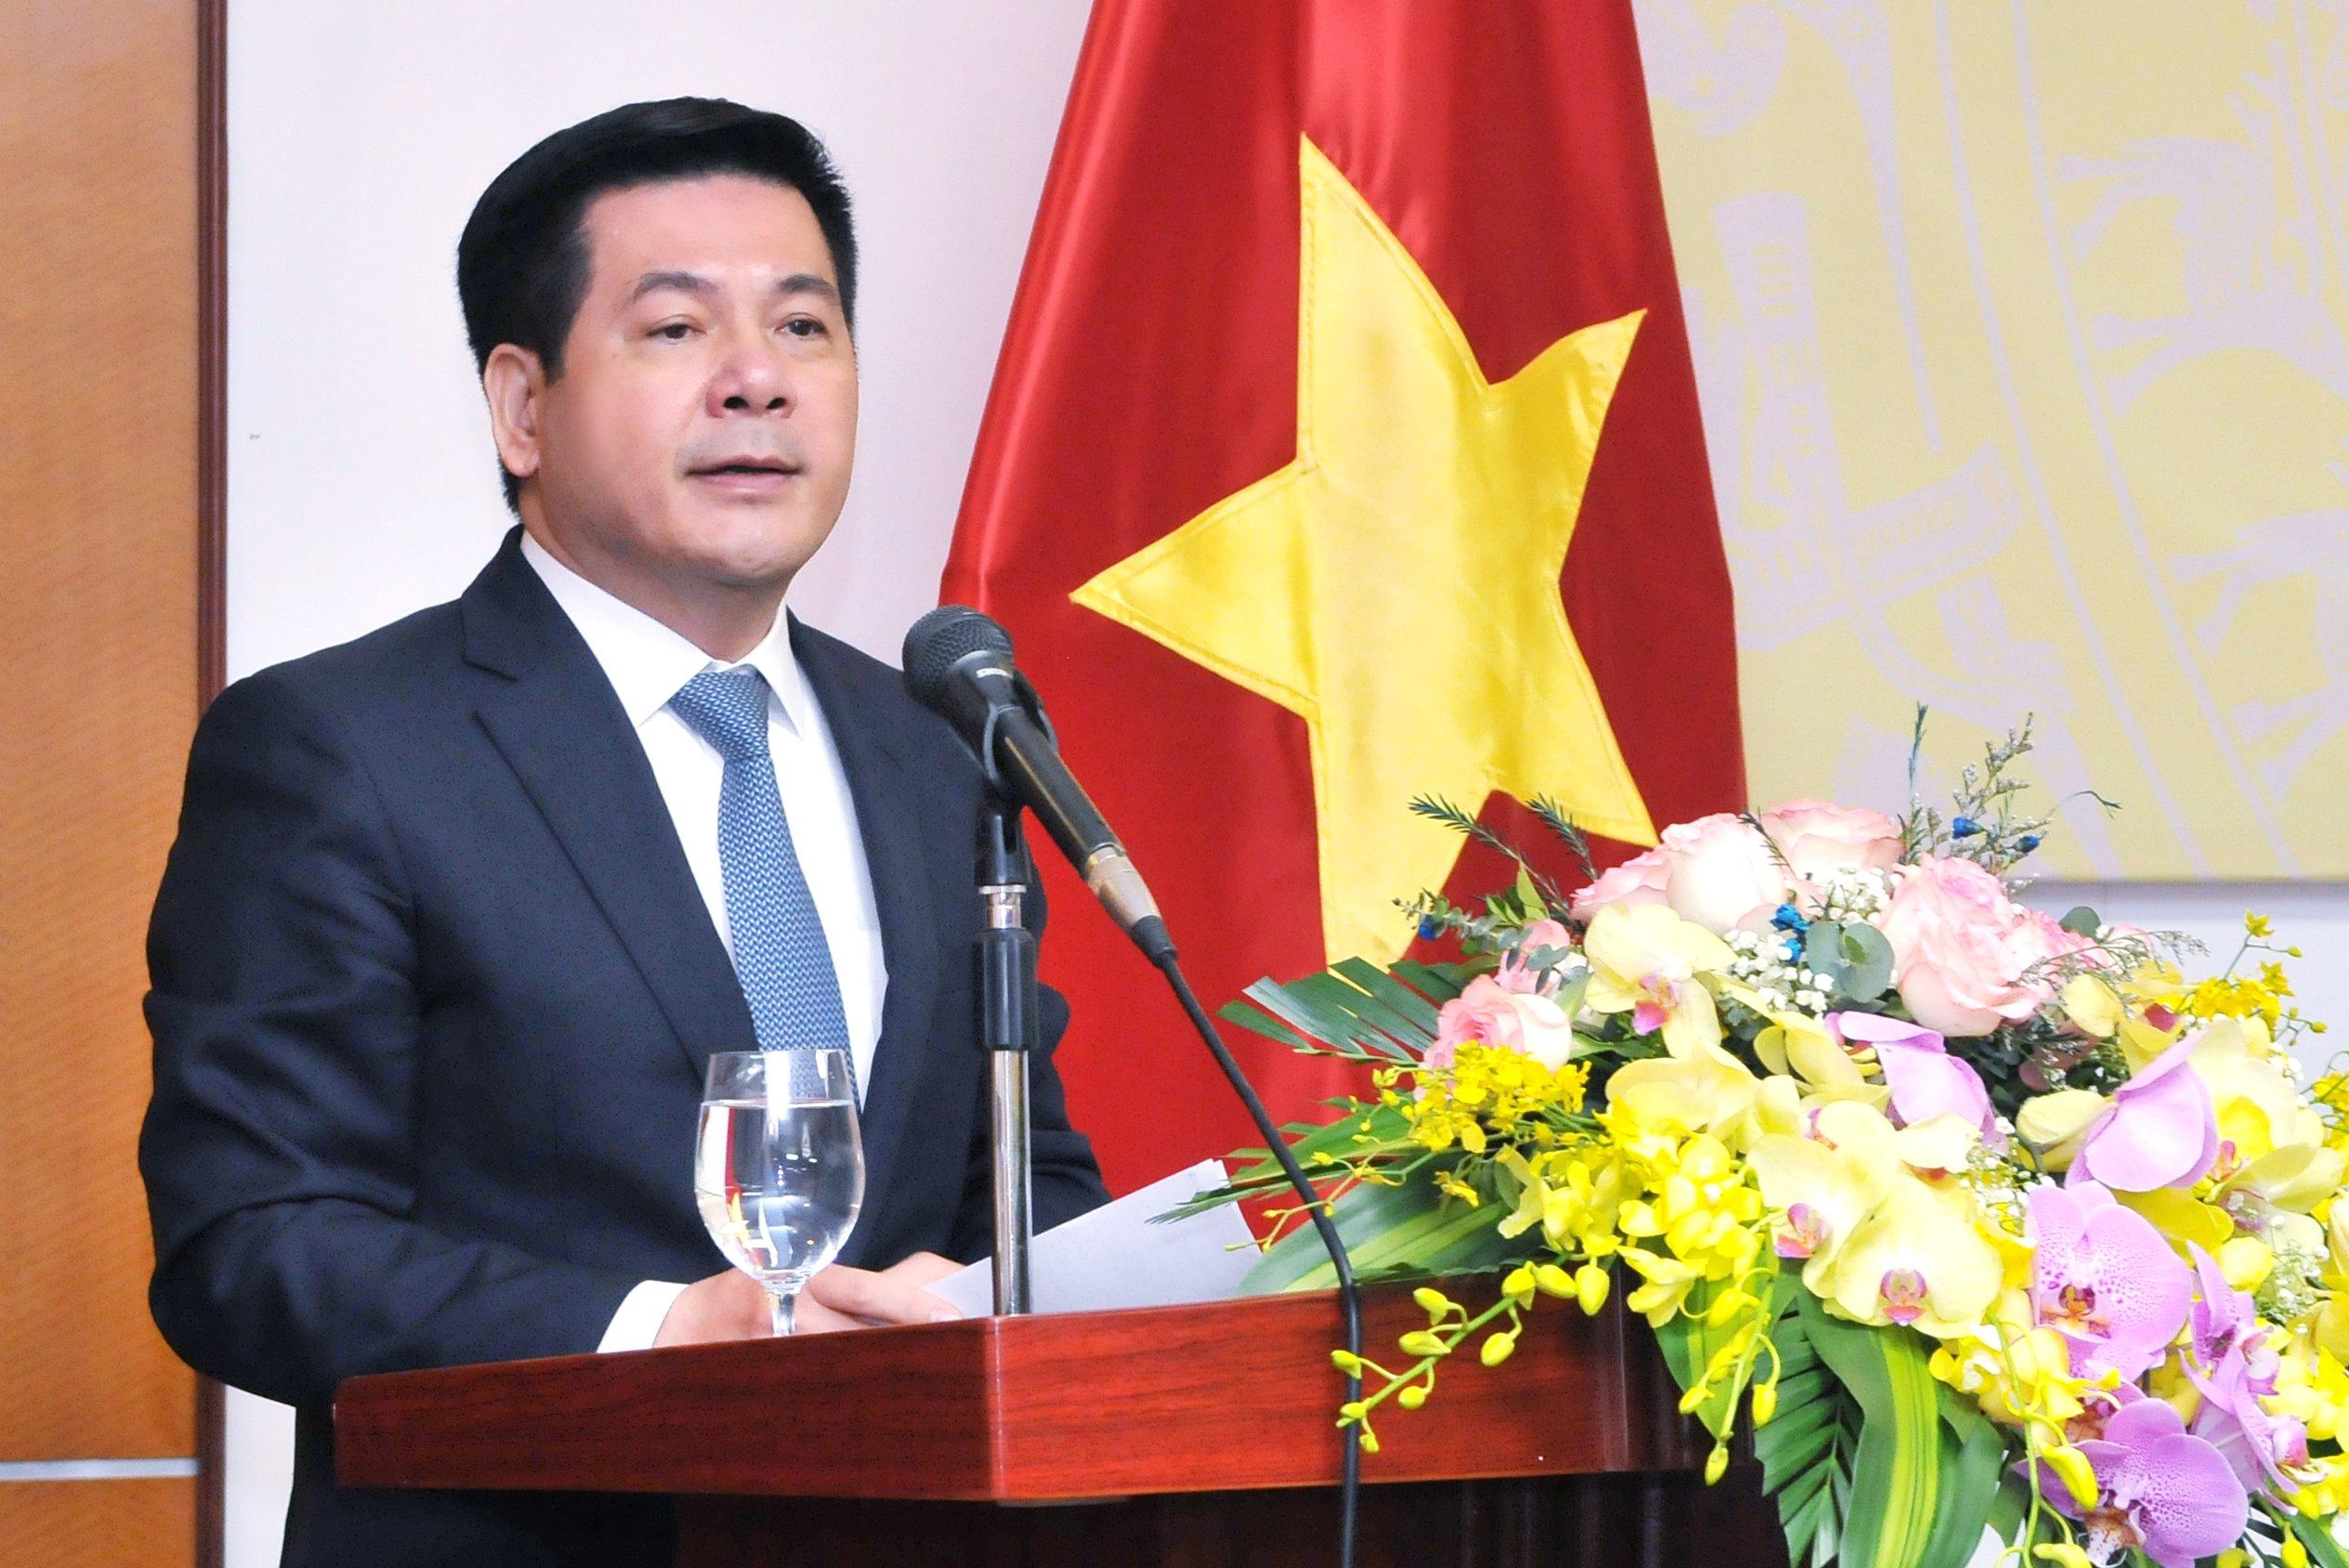 Bộ trưởng Nguyễn Hồng Diên gửi thư chúc mừng nhân dịp 70 năm Ngày Truyền thống của ngành Công Thương Việt Nam 14/05/2021